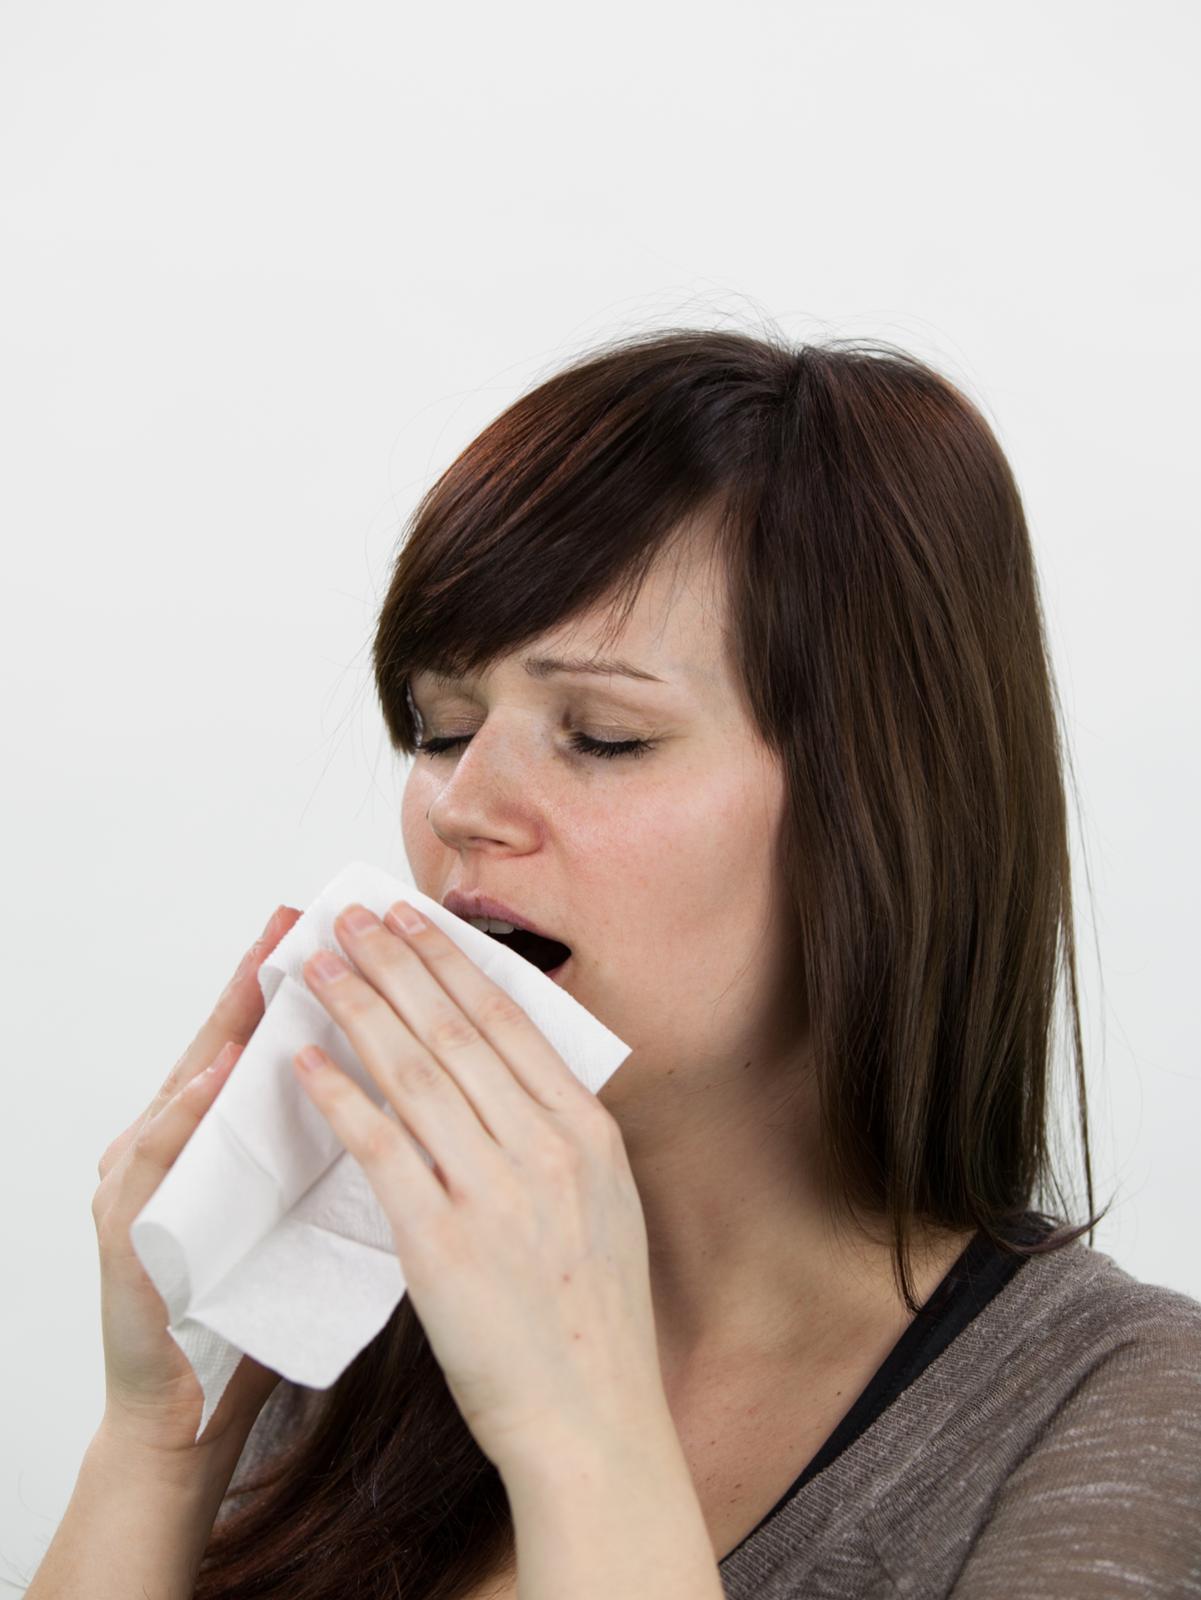 Zdjęcie przedstawia kichającą kobietę. Twarz zwrócona wlewo, oczy zamknięte, otwarte usta częściowo przysłonięte chusteczką trzymaną wrękach. Uchwycony moment na ułamek sekundy przed samym kichnięciem.